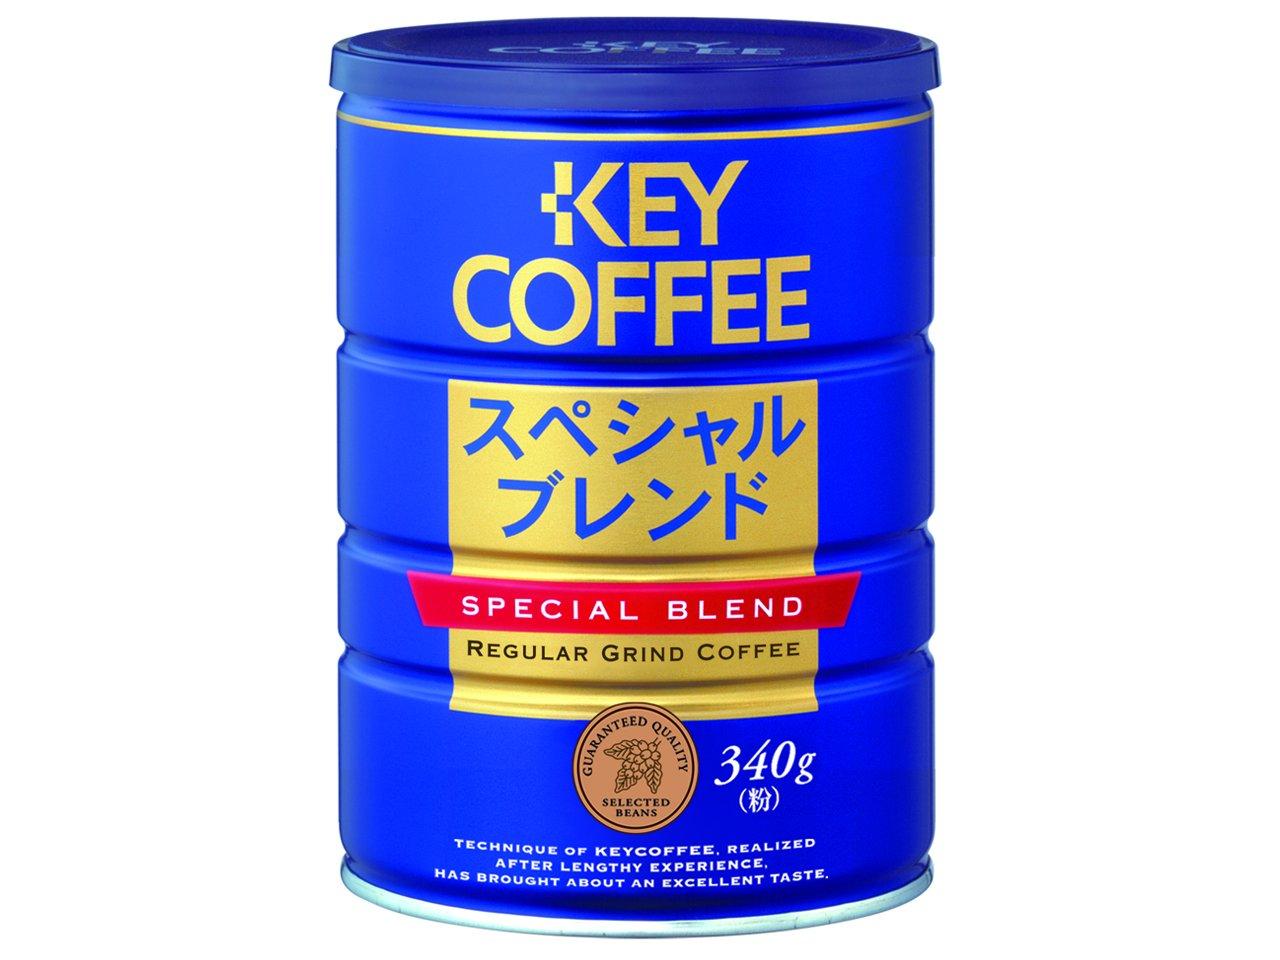 【キーコーヒー】缶スペシャルブレンド